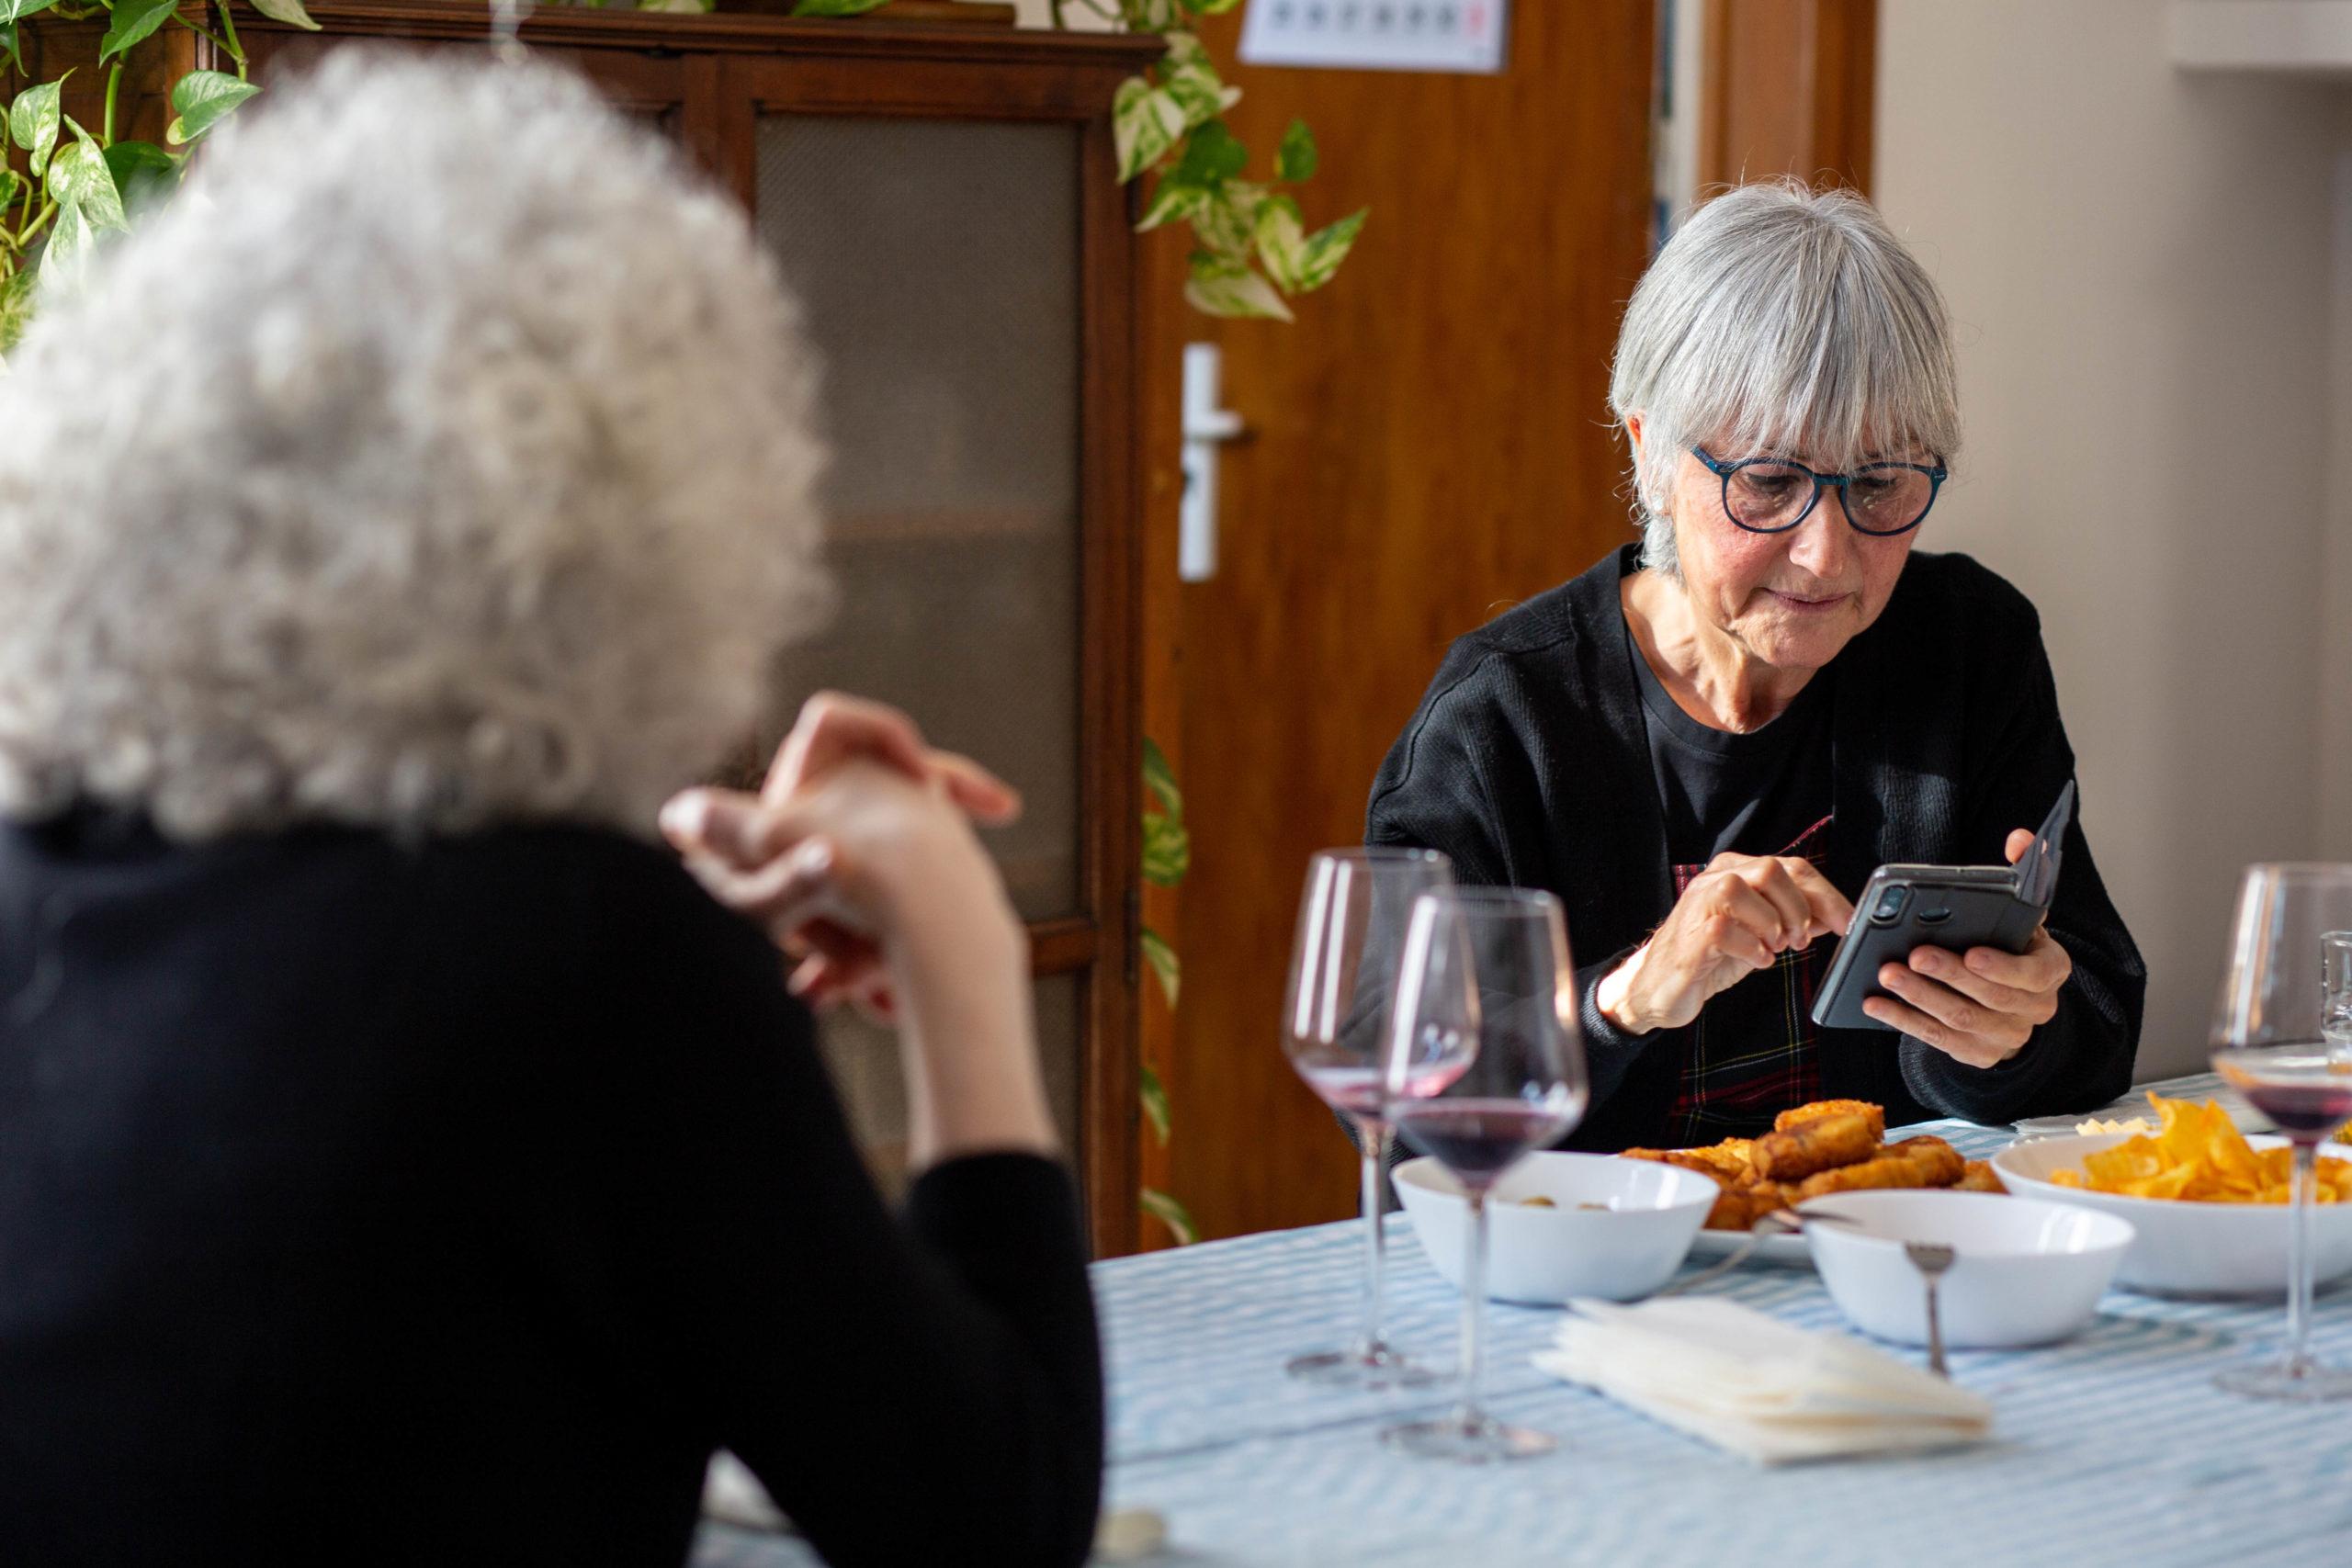 Pla mig d'una dona mirant el mòbil asseguda a la taula del menjador en un dinar